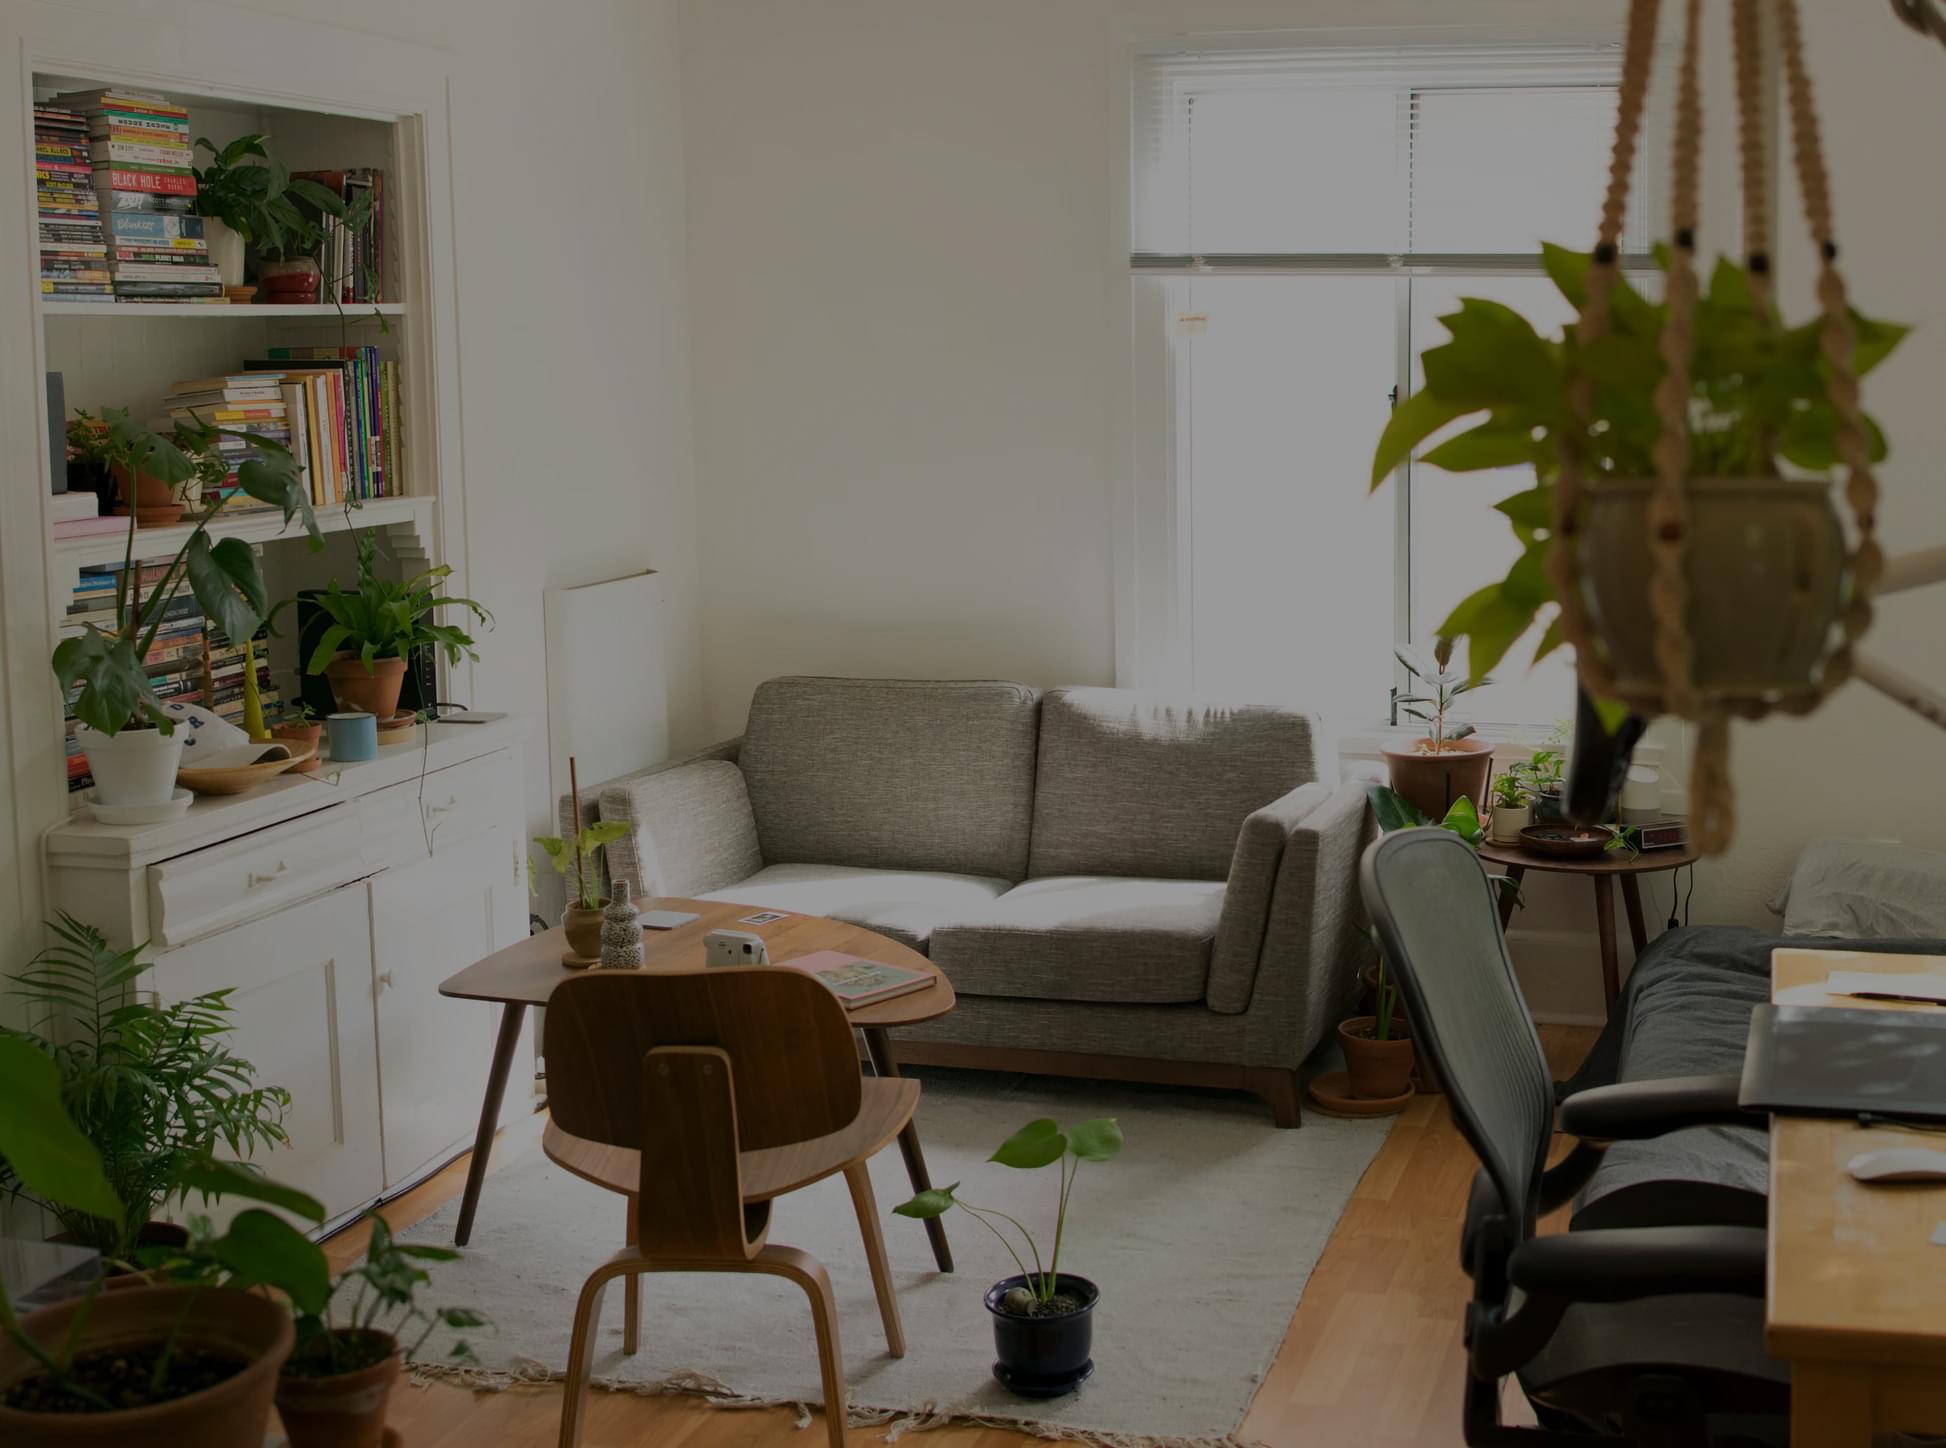 Location Immobilière   Toutes Les Annonces De Location De ... concernant Location Rez De Jardin Lyon